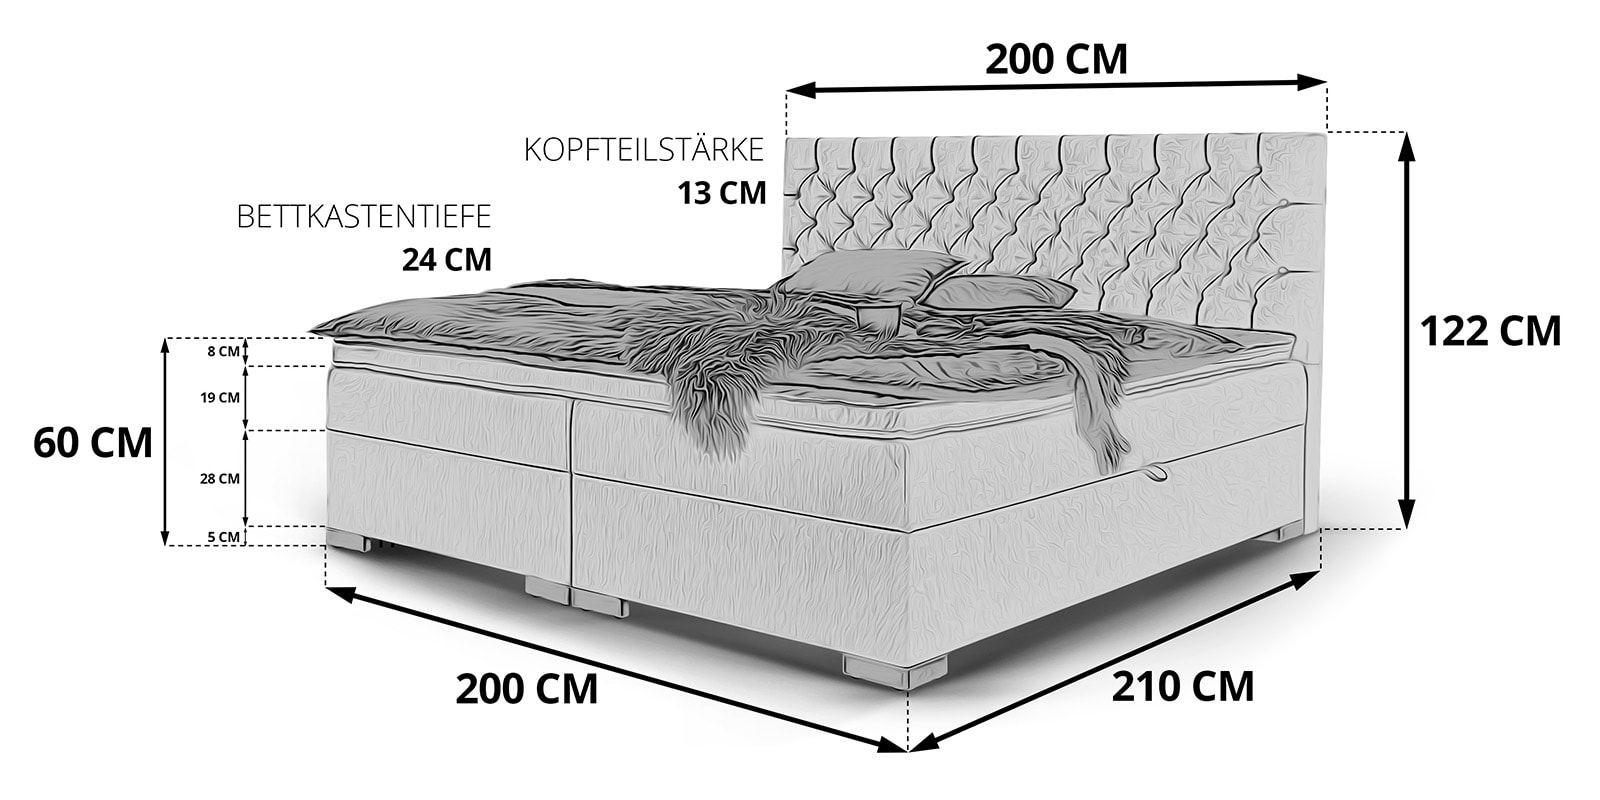 Full Size of Stauraumbett 200x200 Boxspringbett Mit Bettkasten Stauraum Bett London Skizze Betten Weiß Komforthöhe Wohnzimmer Stauraumbett 200x200